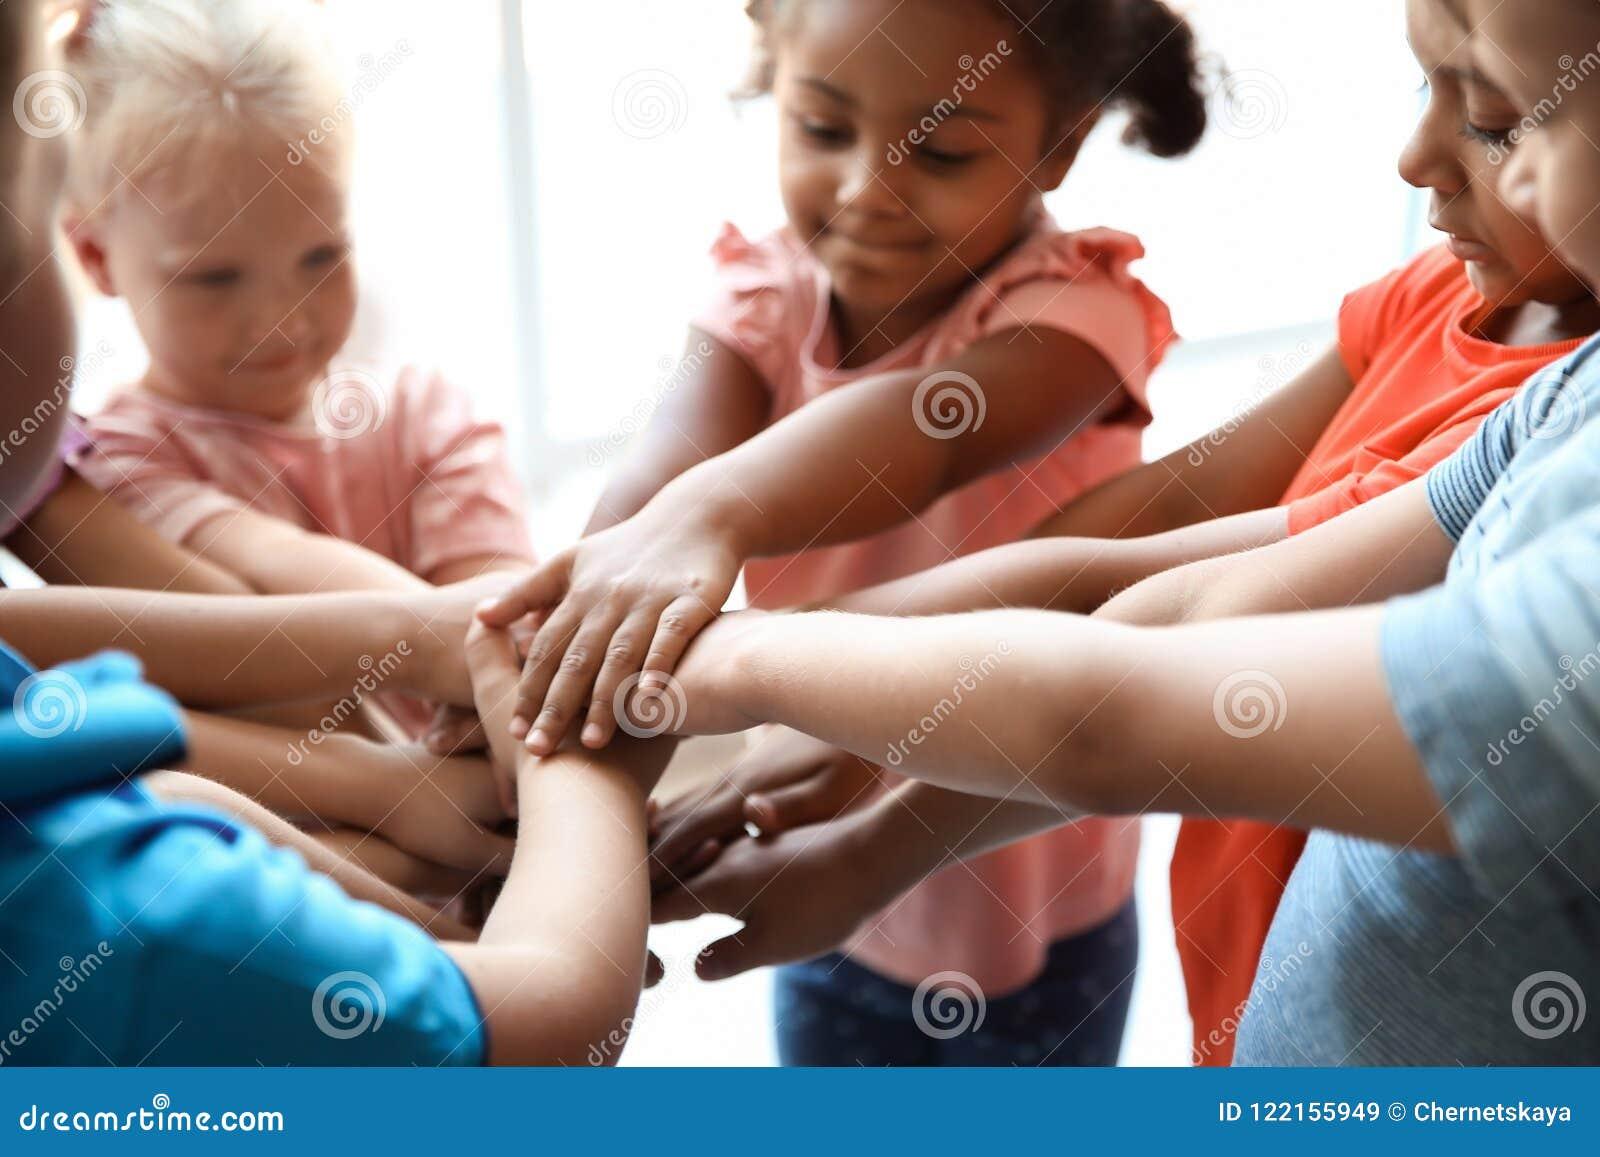 Kleine kinderen die hun handen samenbrengen, close-up